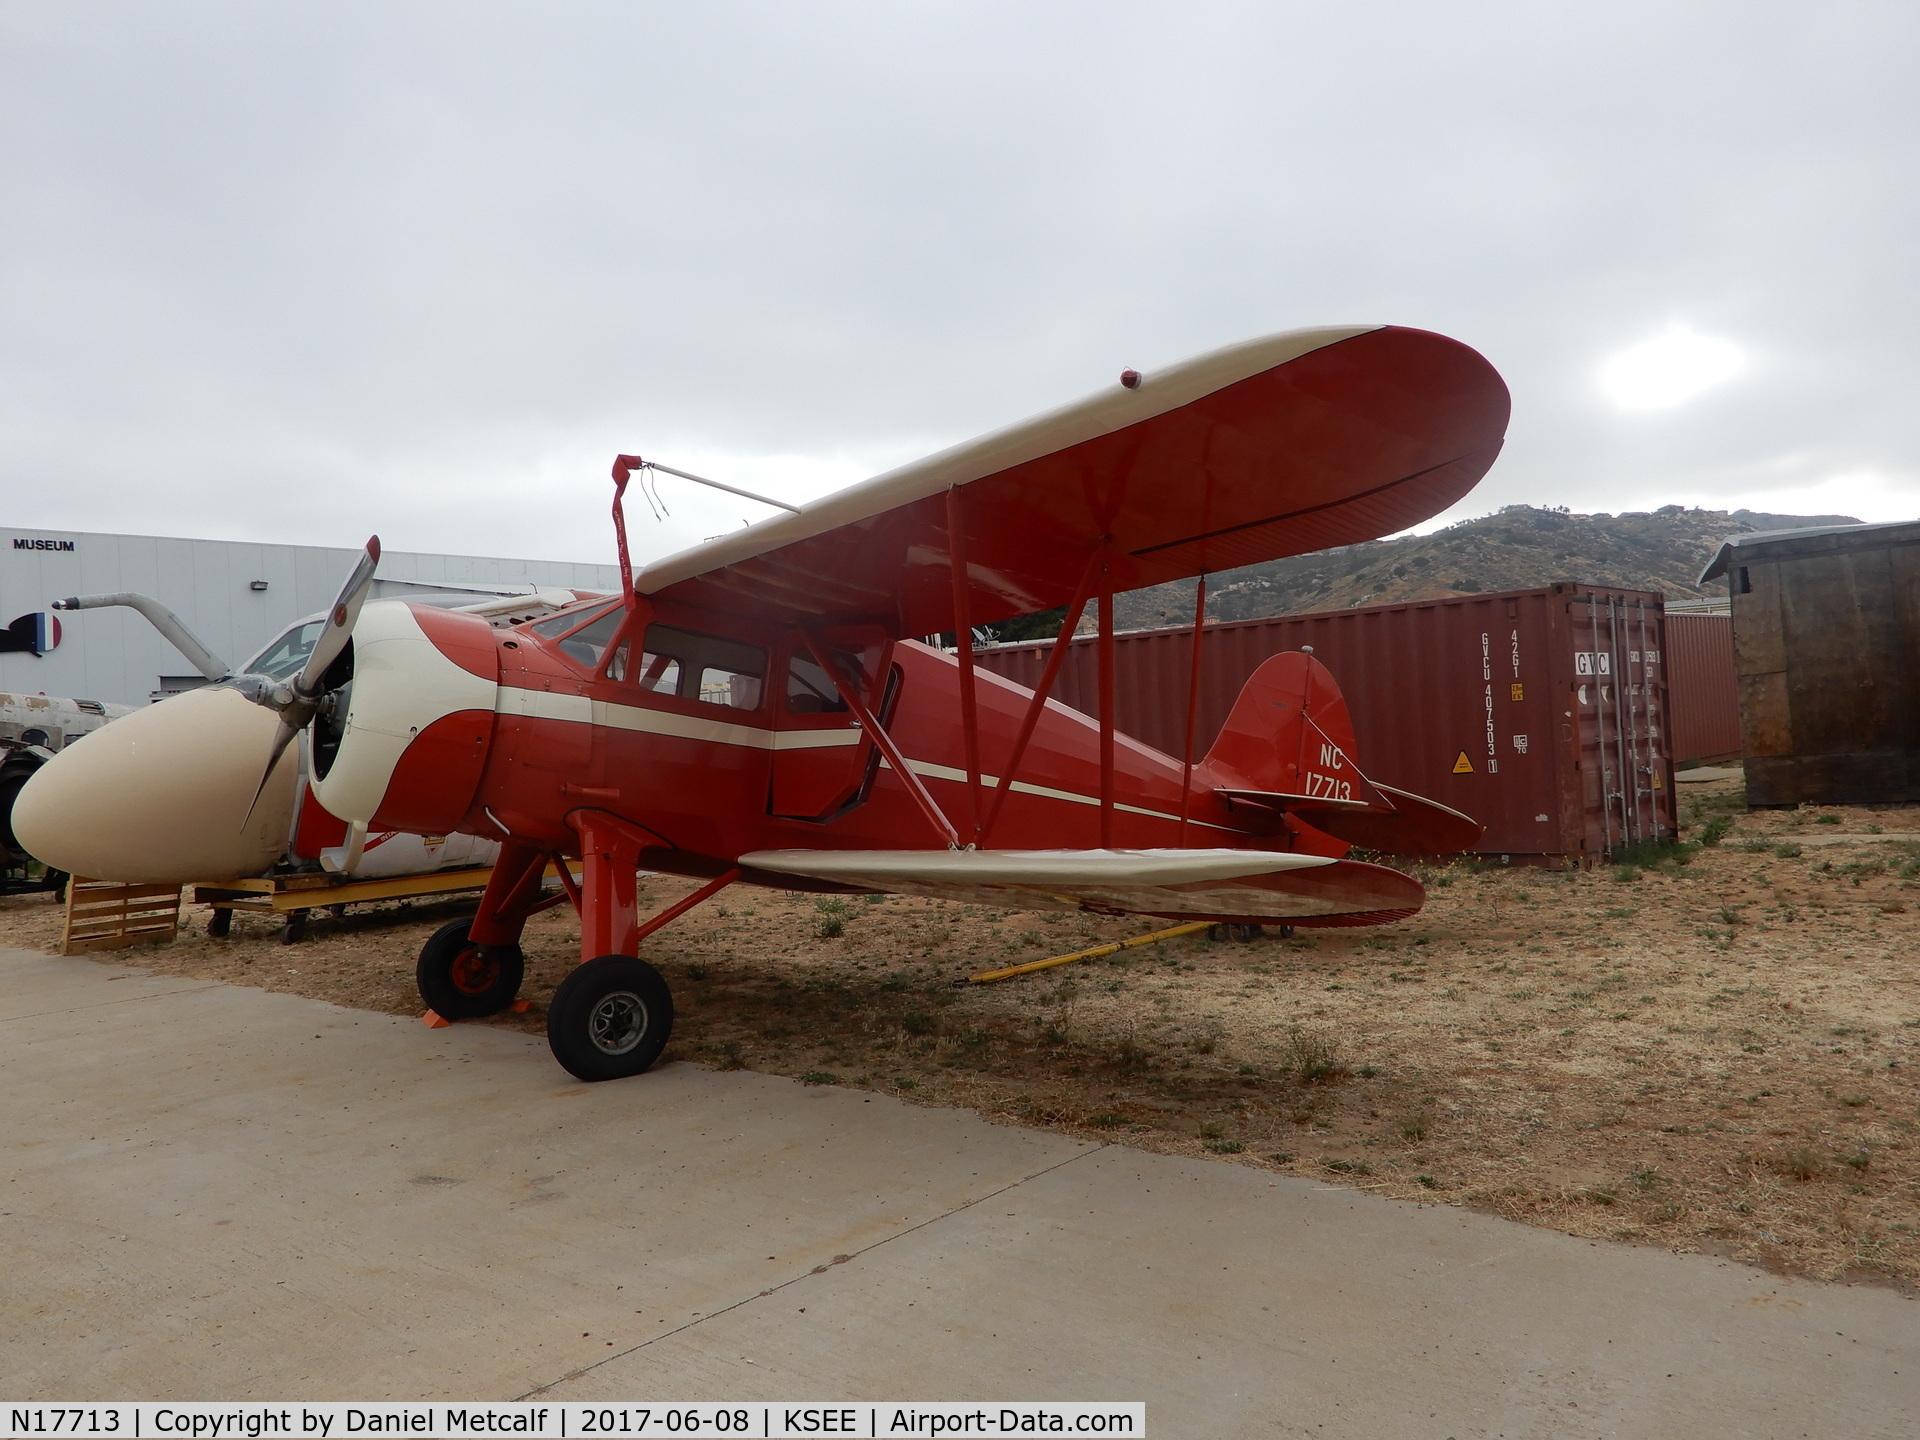 N17713, 1937 Waco YKS-7 C/N 4625, San Diego Air & Space Museum (Gillespie Field Annex)